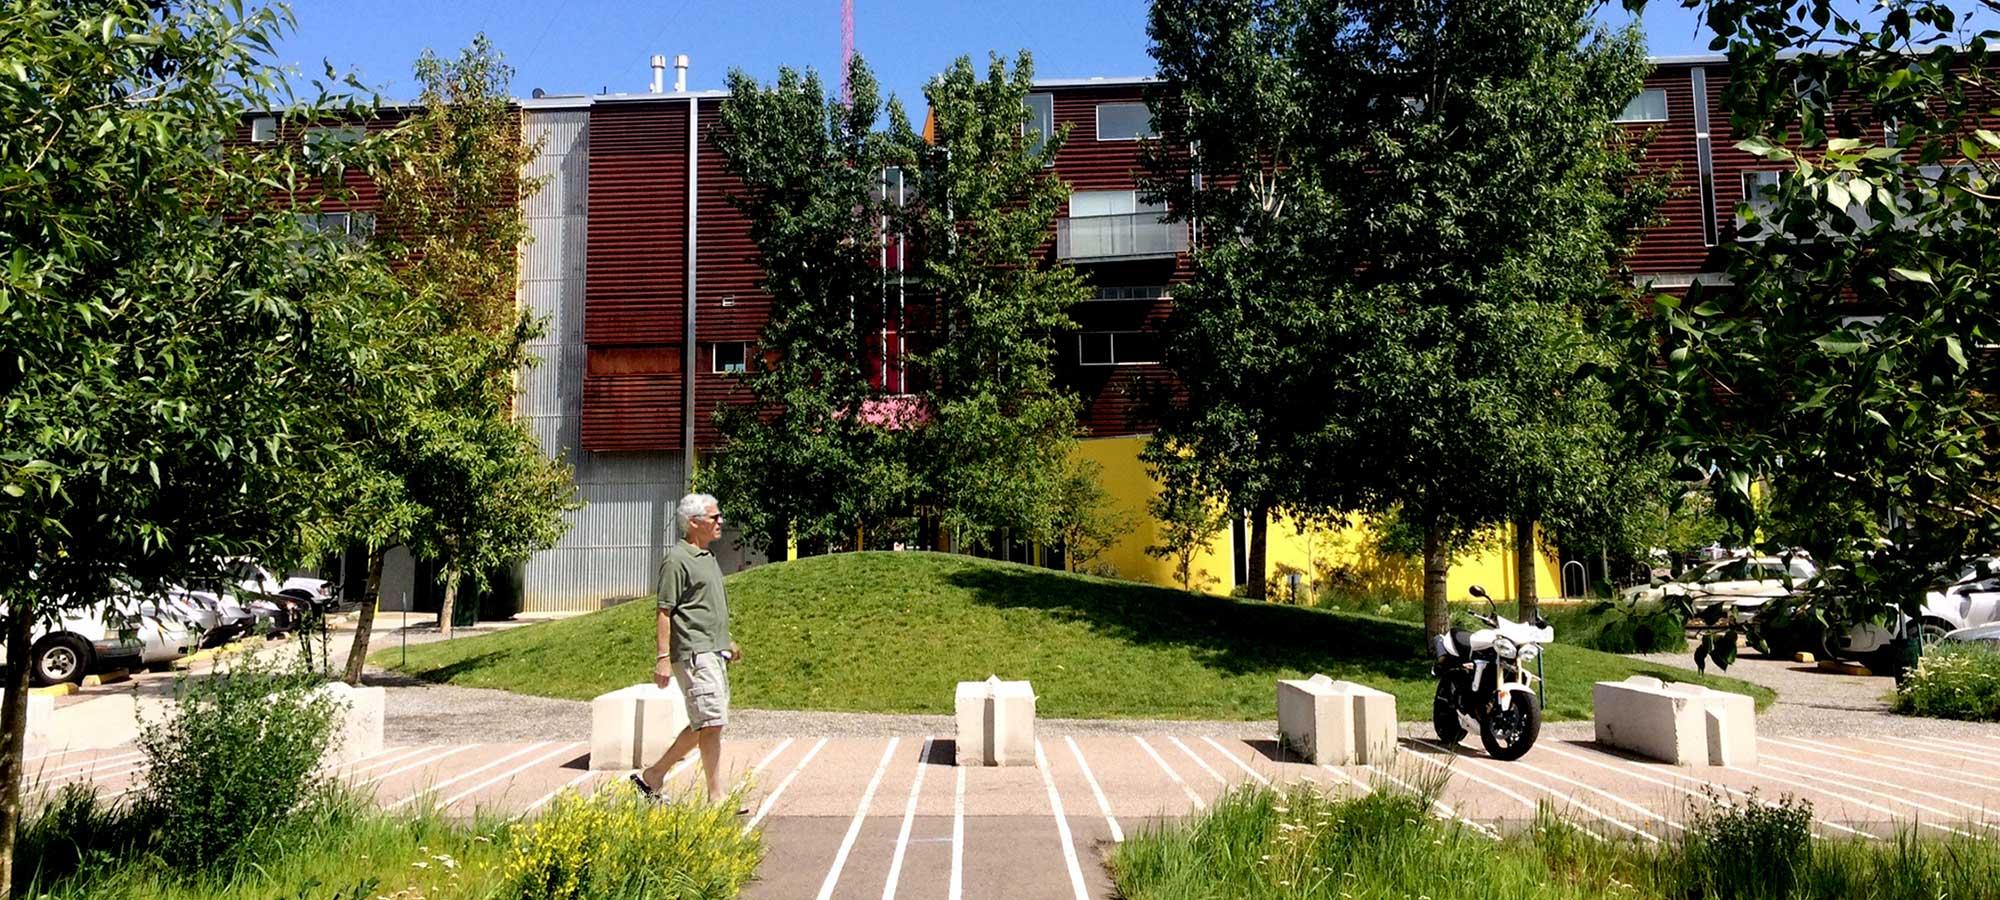 RiNo Arts District - Denver, CO